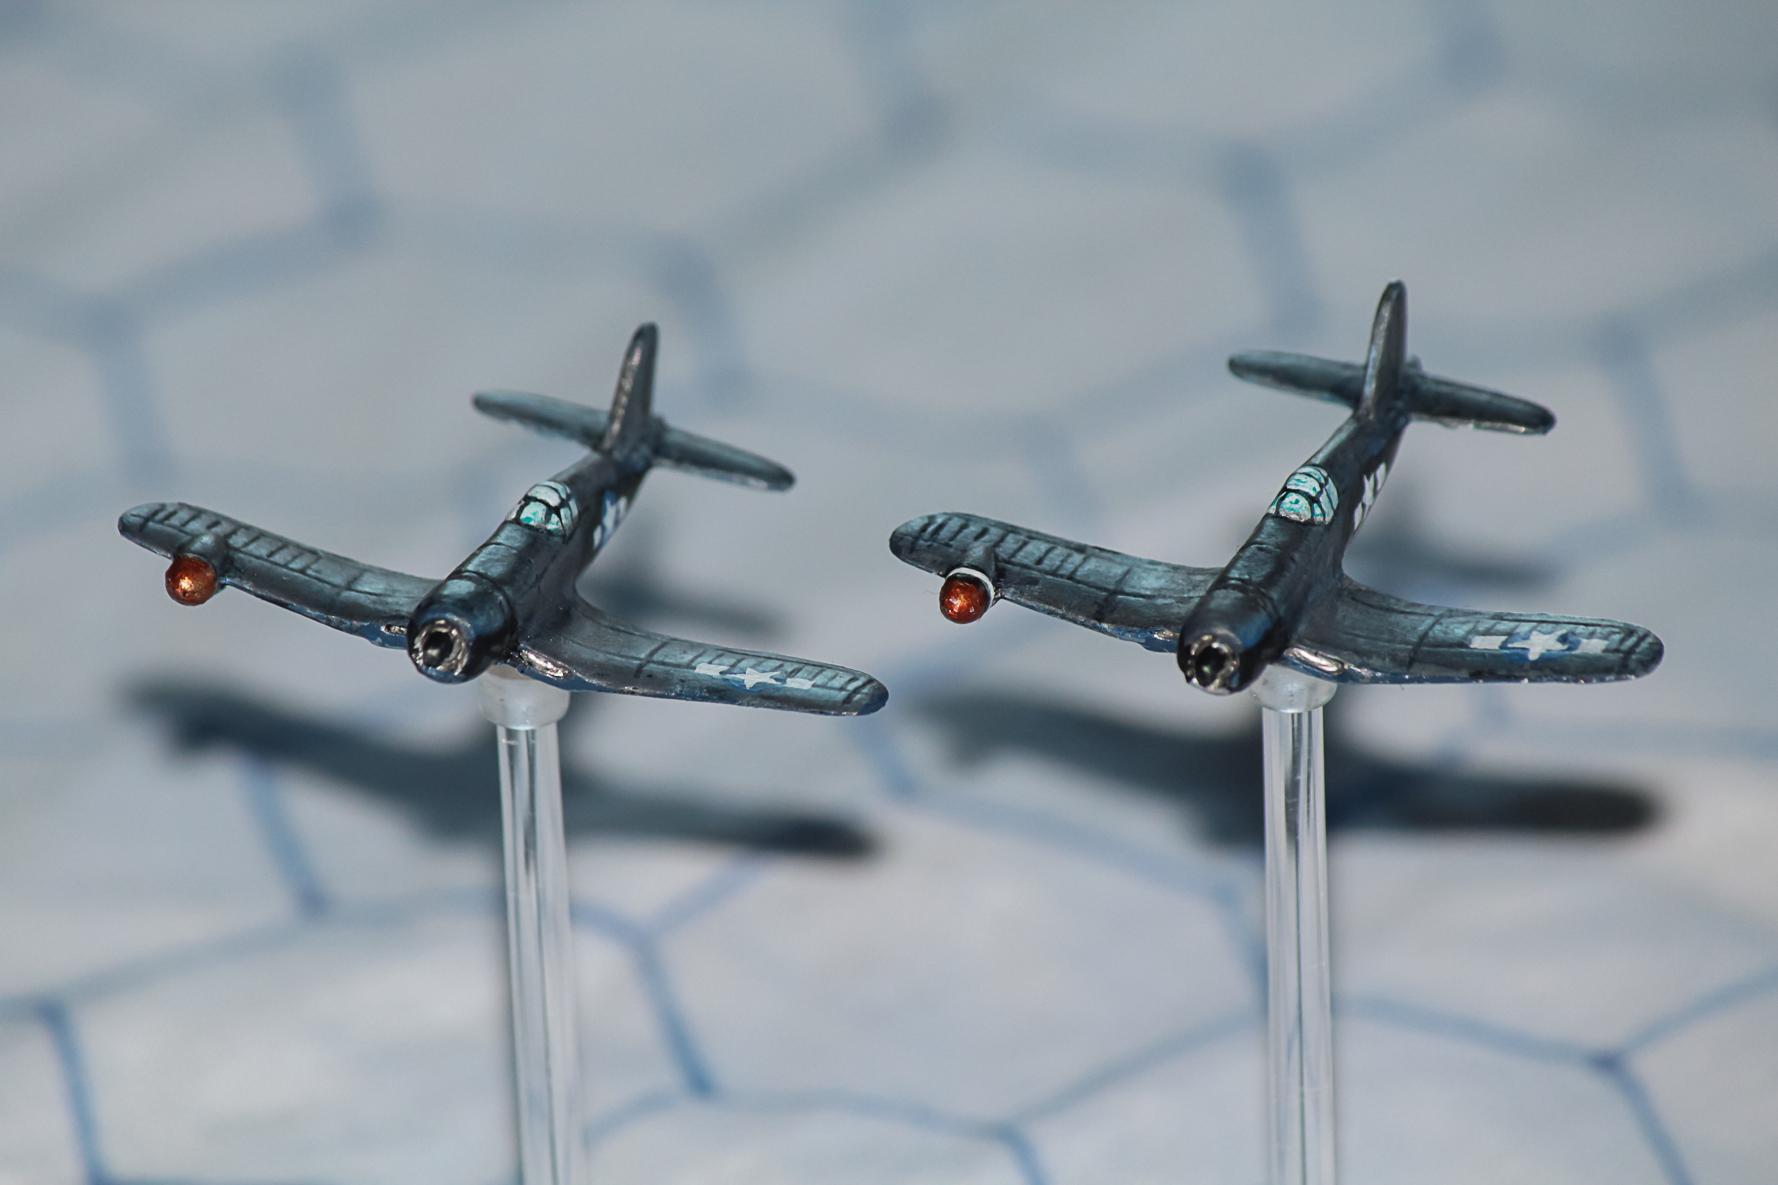 Airborne, Airplane, Fliers